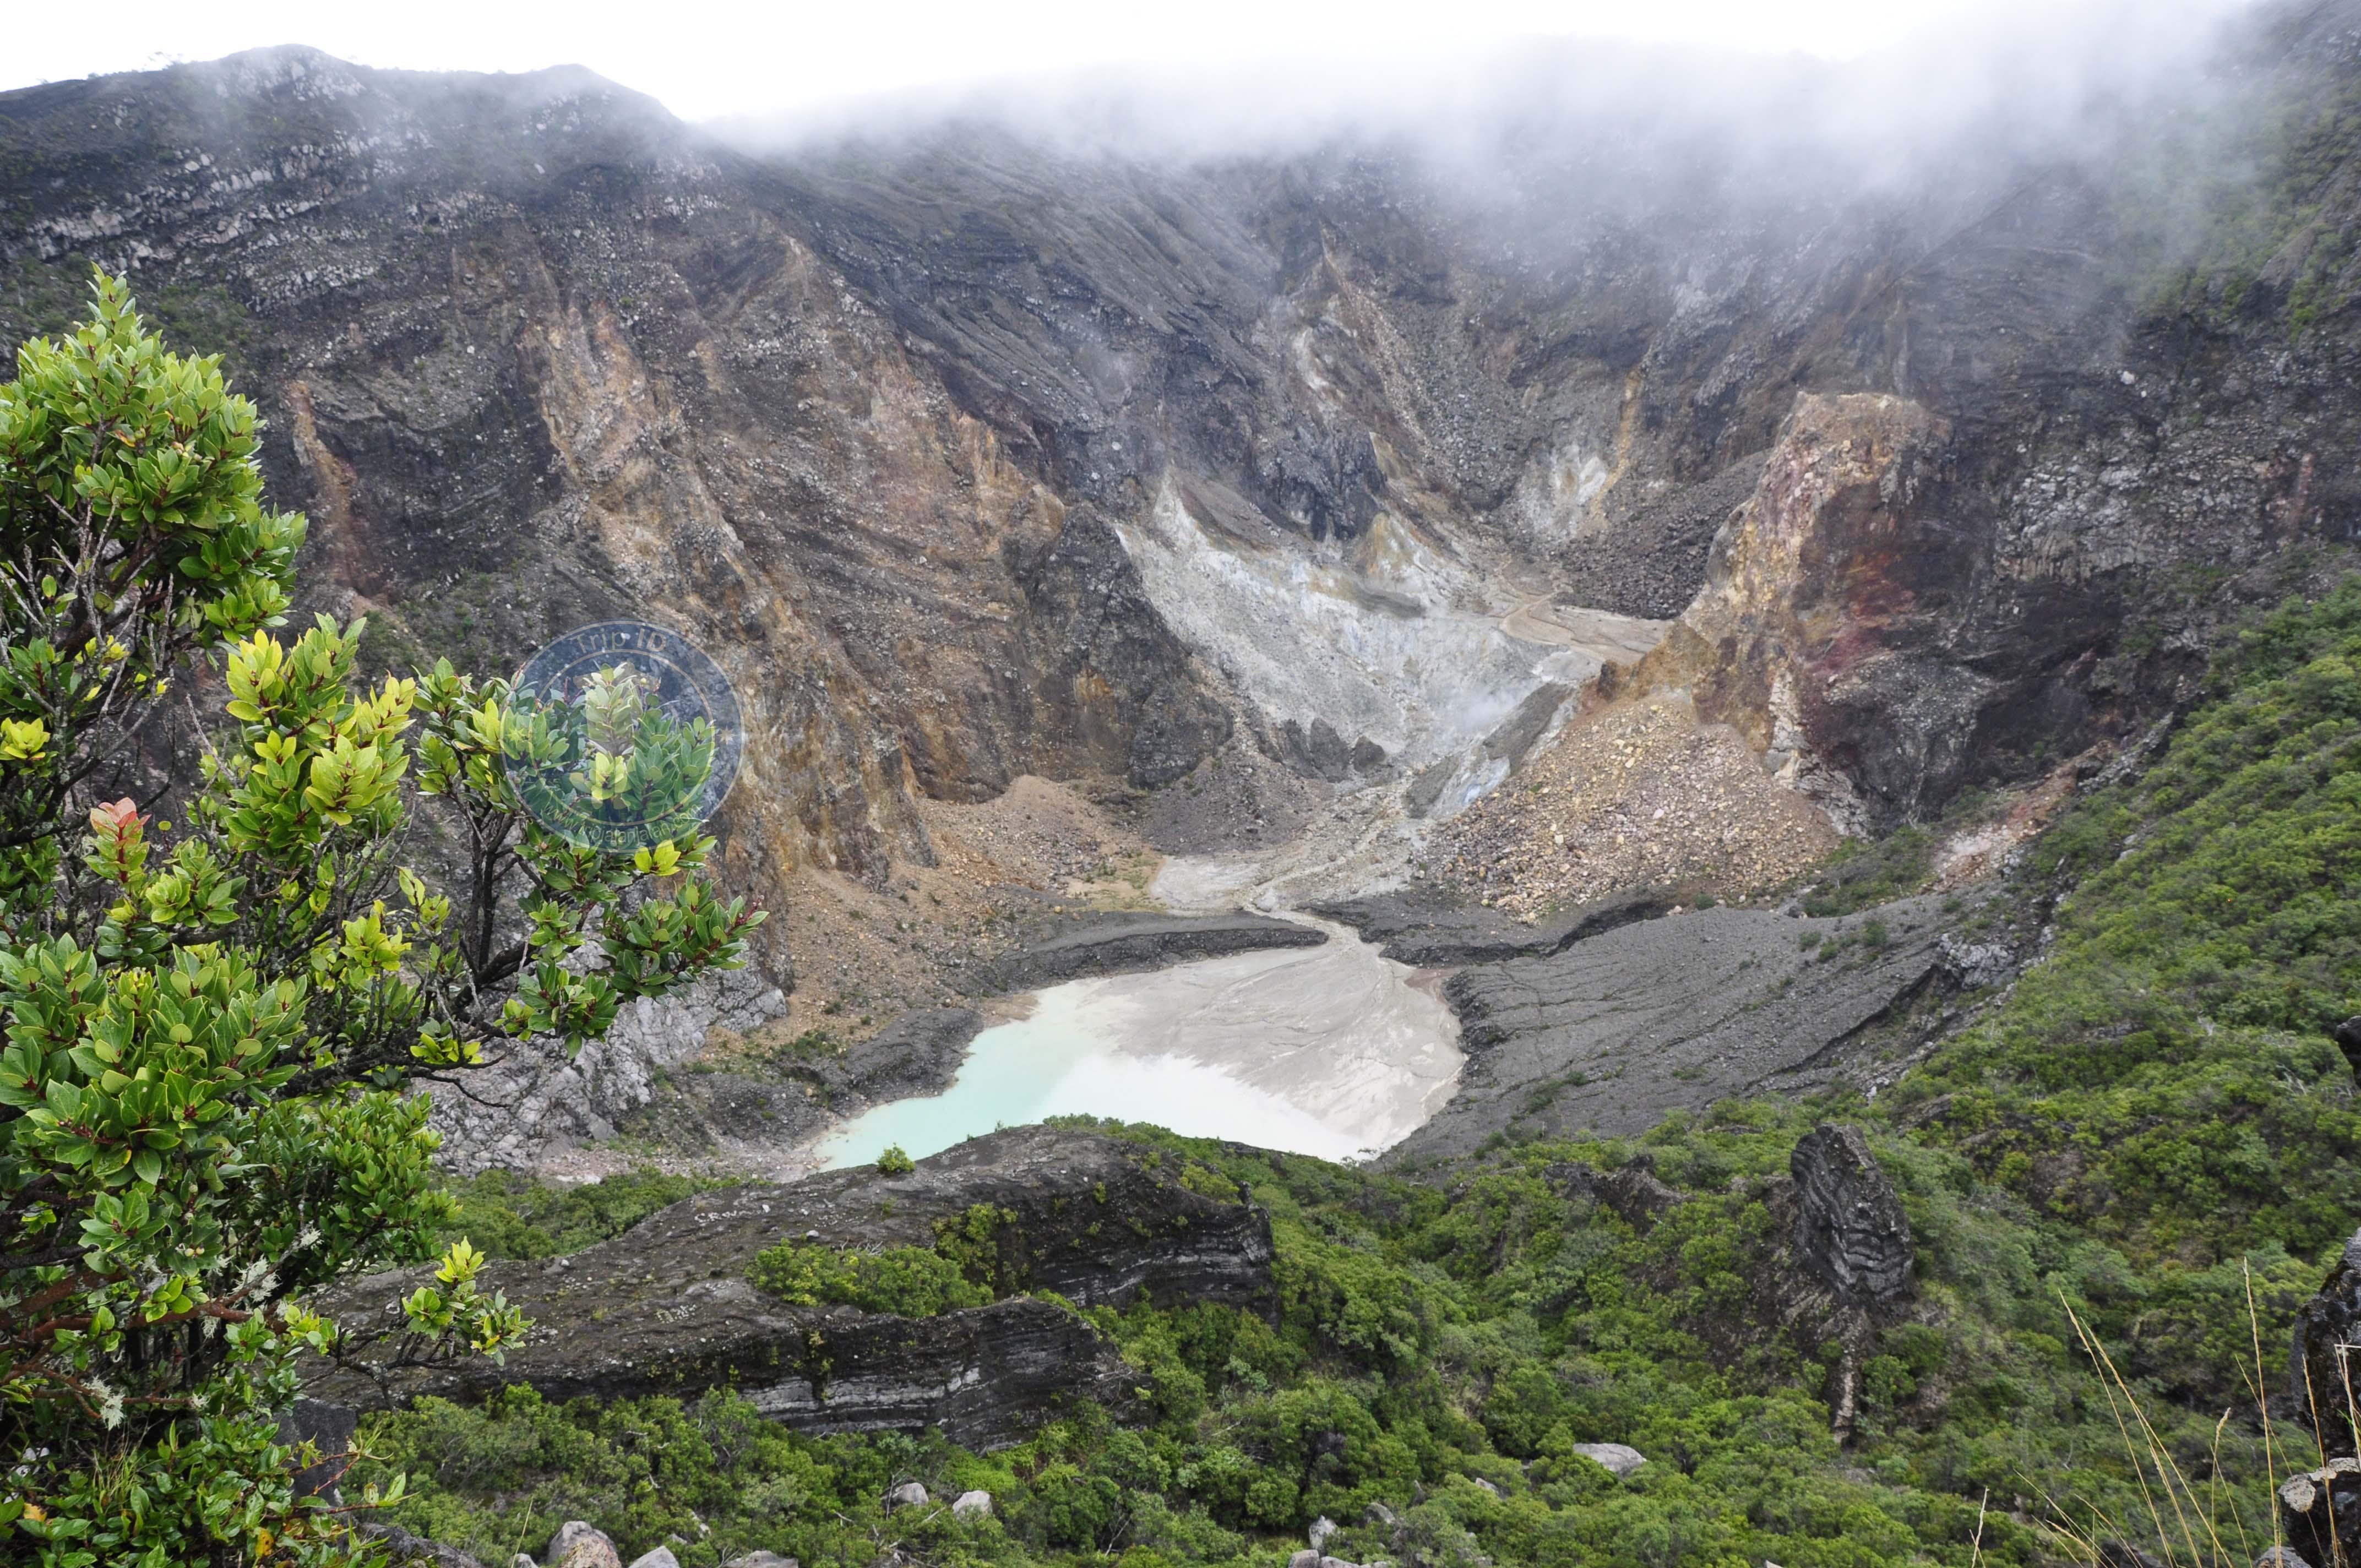 Gunung Cermai jawa barat